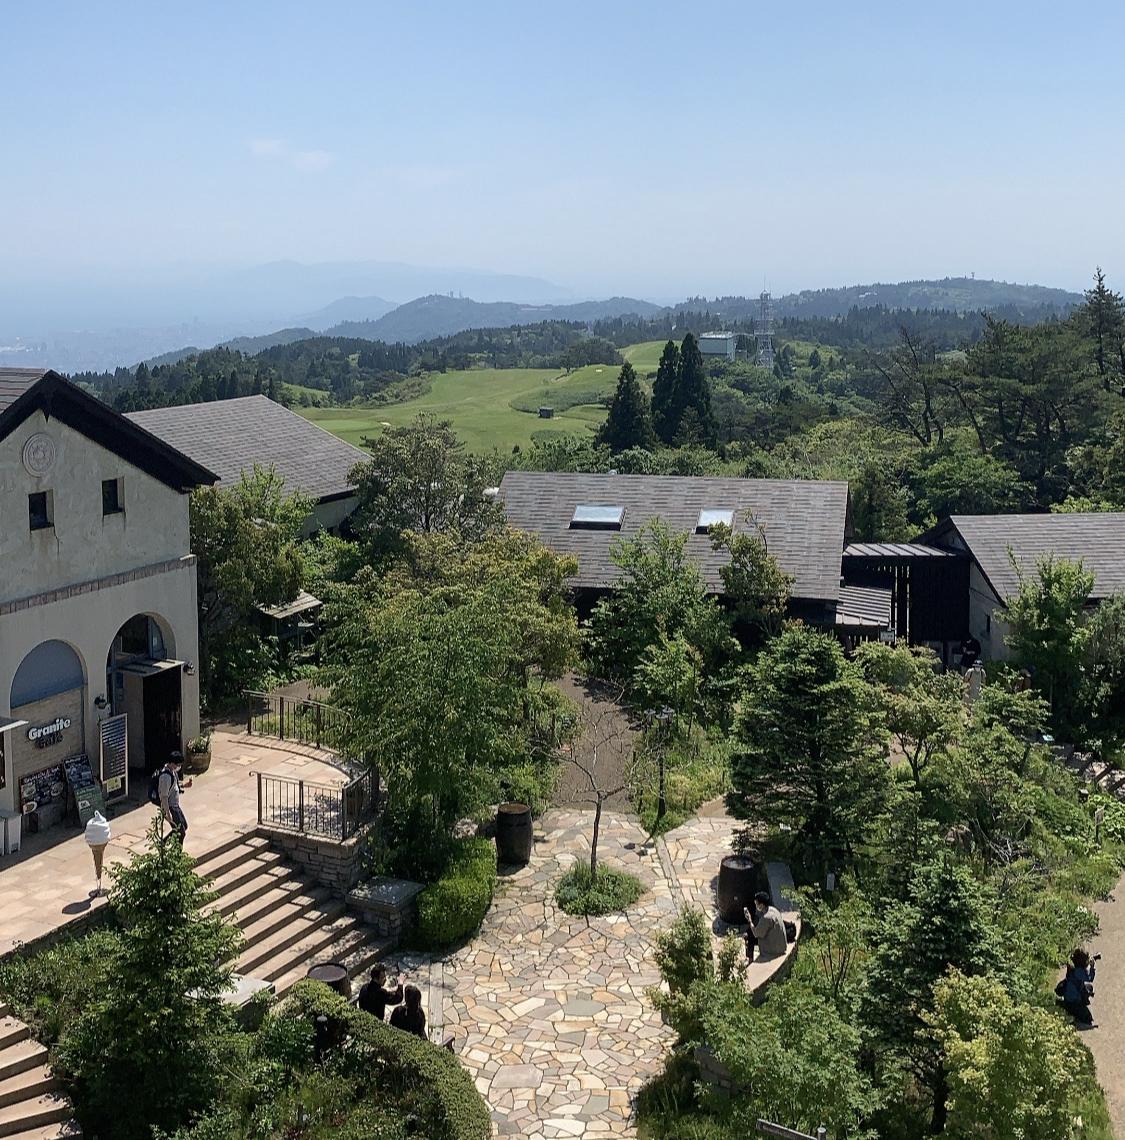 【HYOGO】六甲山の自然いっぱいな癒し空間♡キャラコラボ中☺︎_1